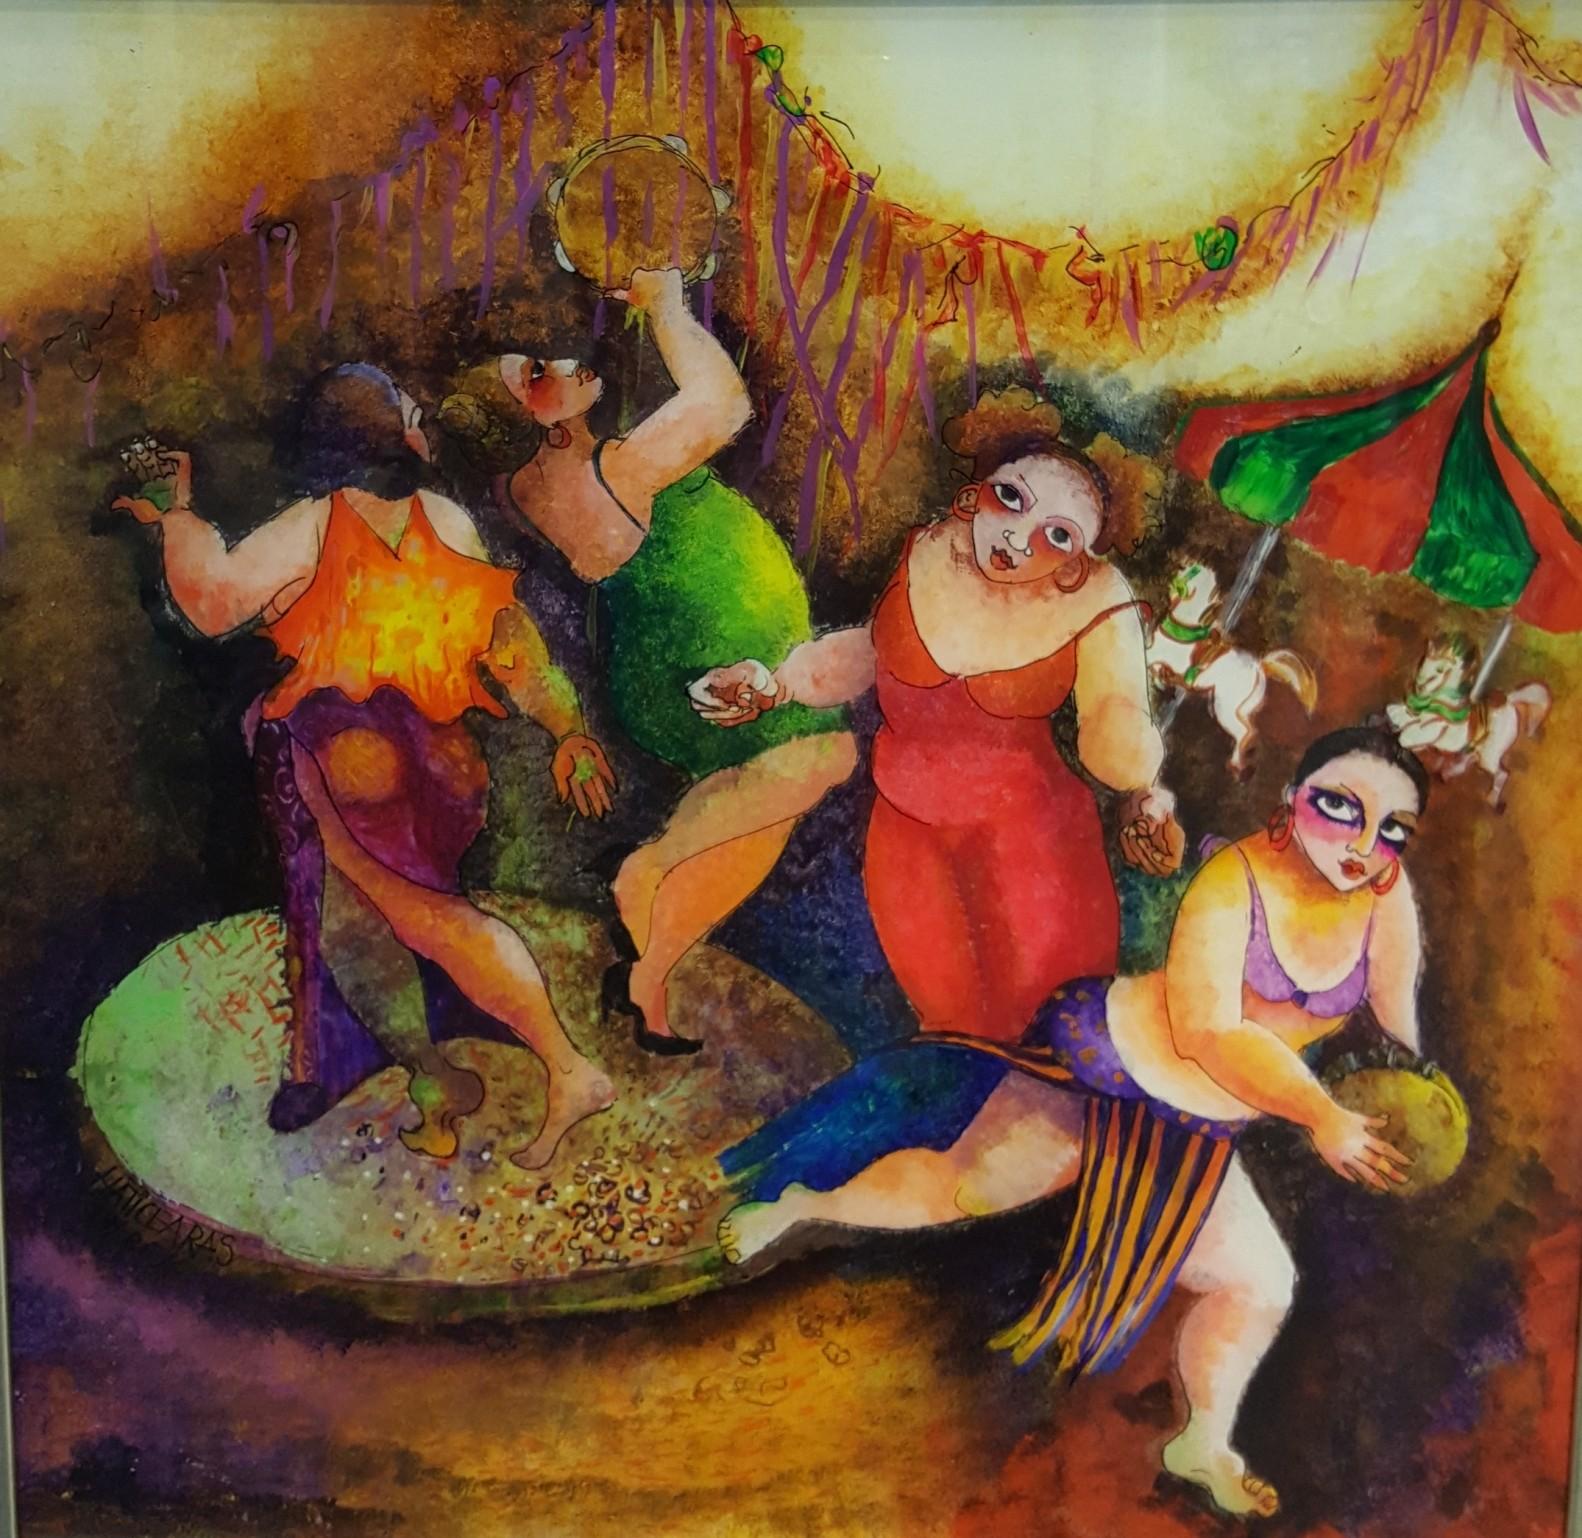 Serkan Azeri: Eğlenceli Bir Hayat İçin Kurulan Renkli Düşler